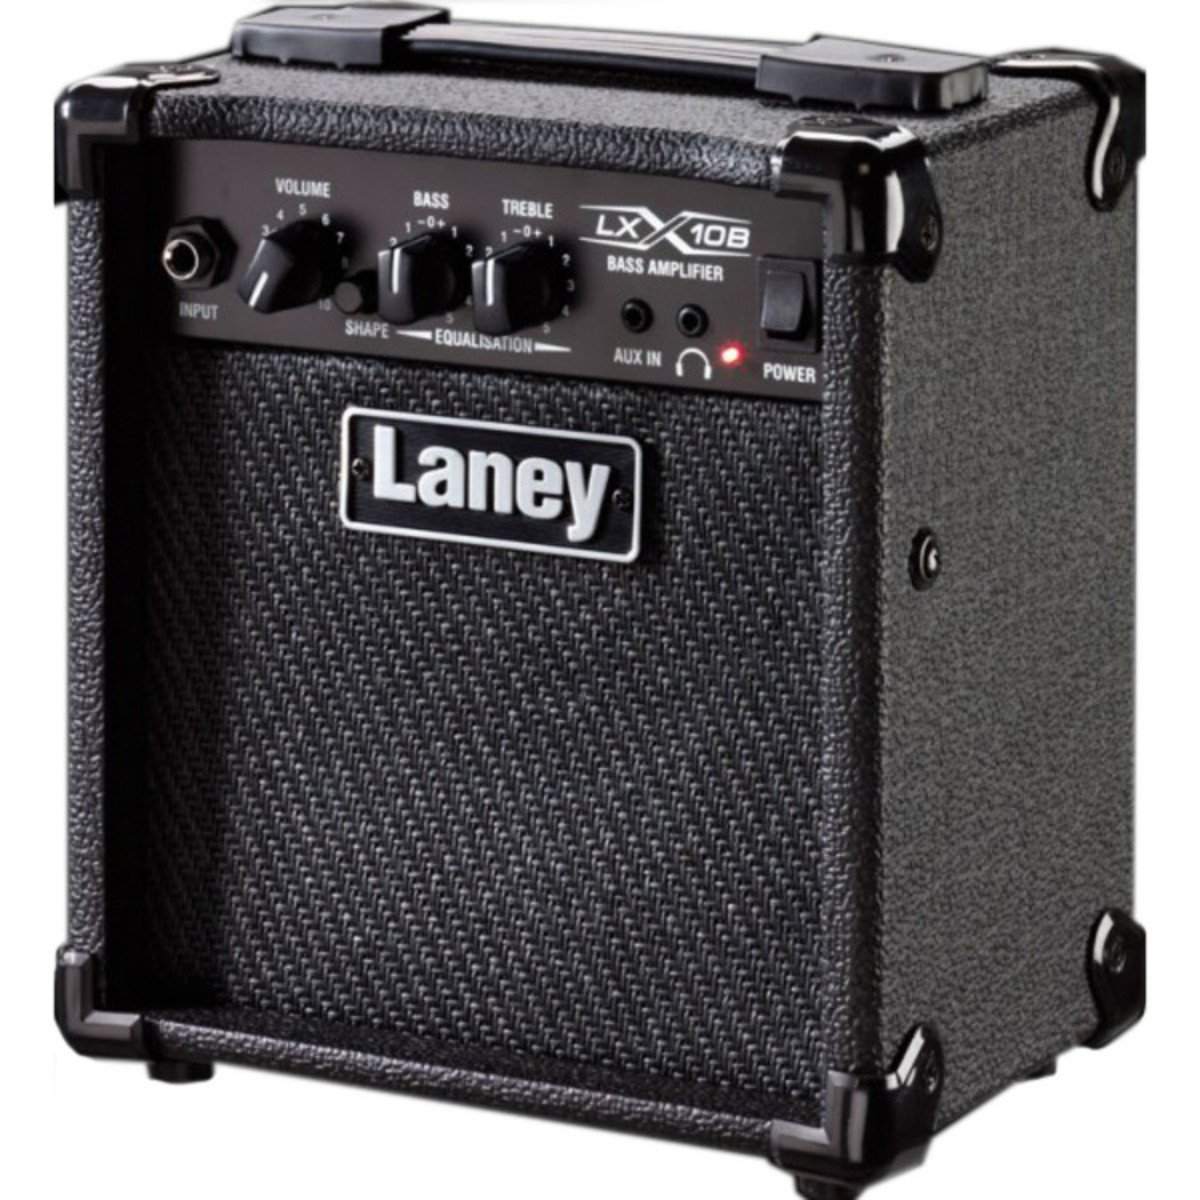 LANEY LX10B 10 Watt 5 Bass Amplifier